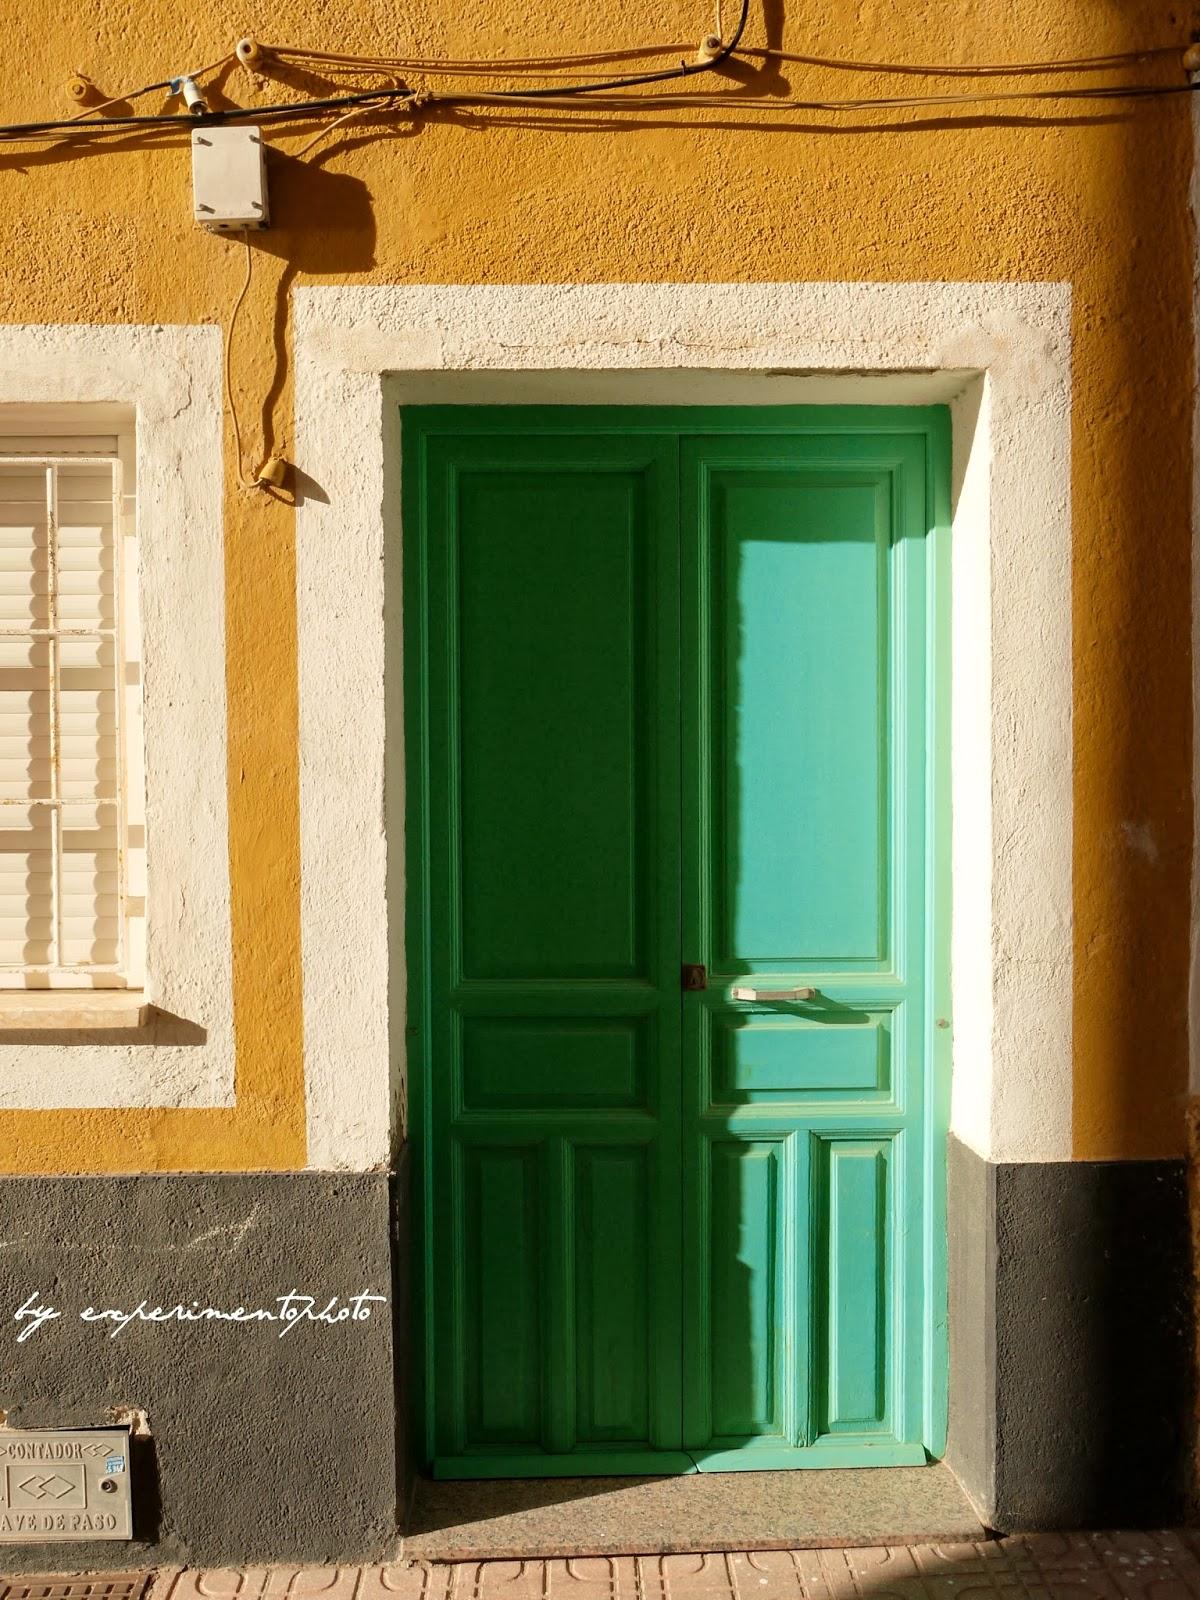 Desaf o fotogr fico puertas for Idealista puertas verdes